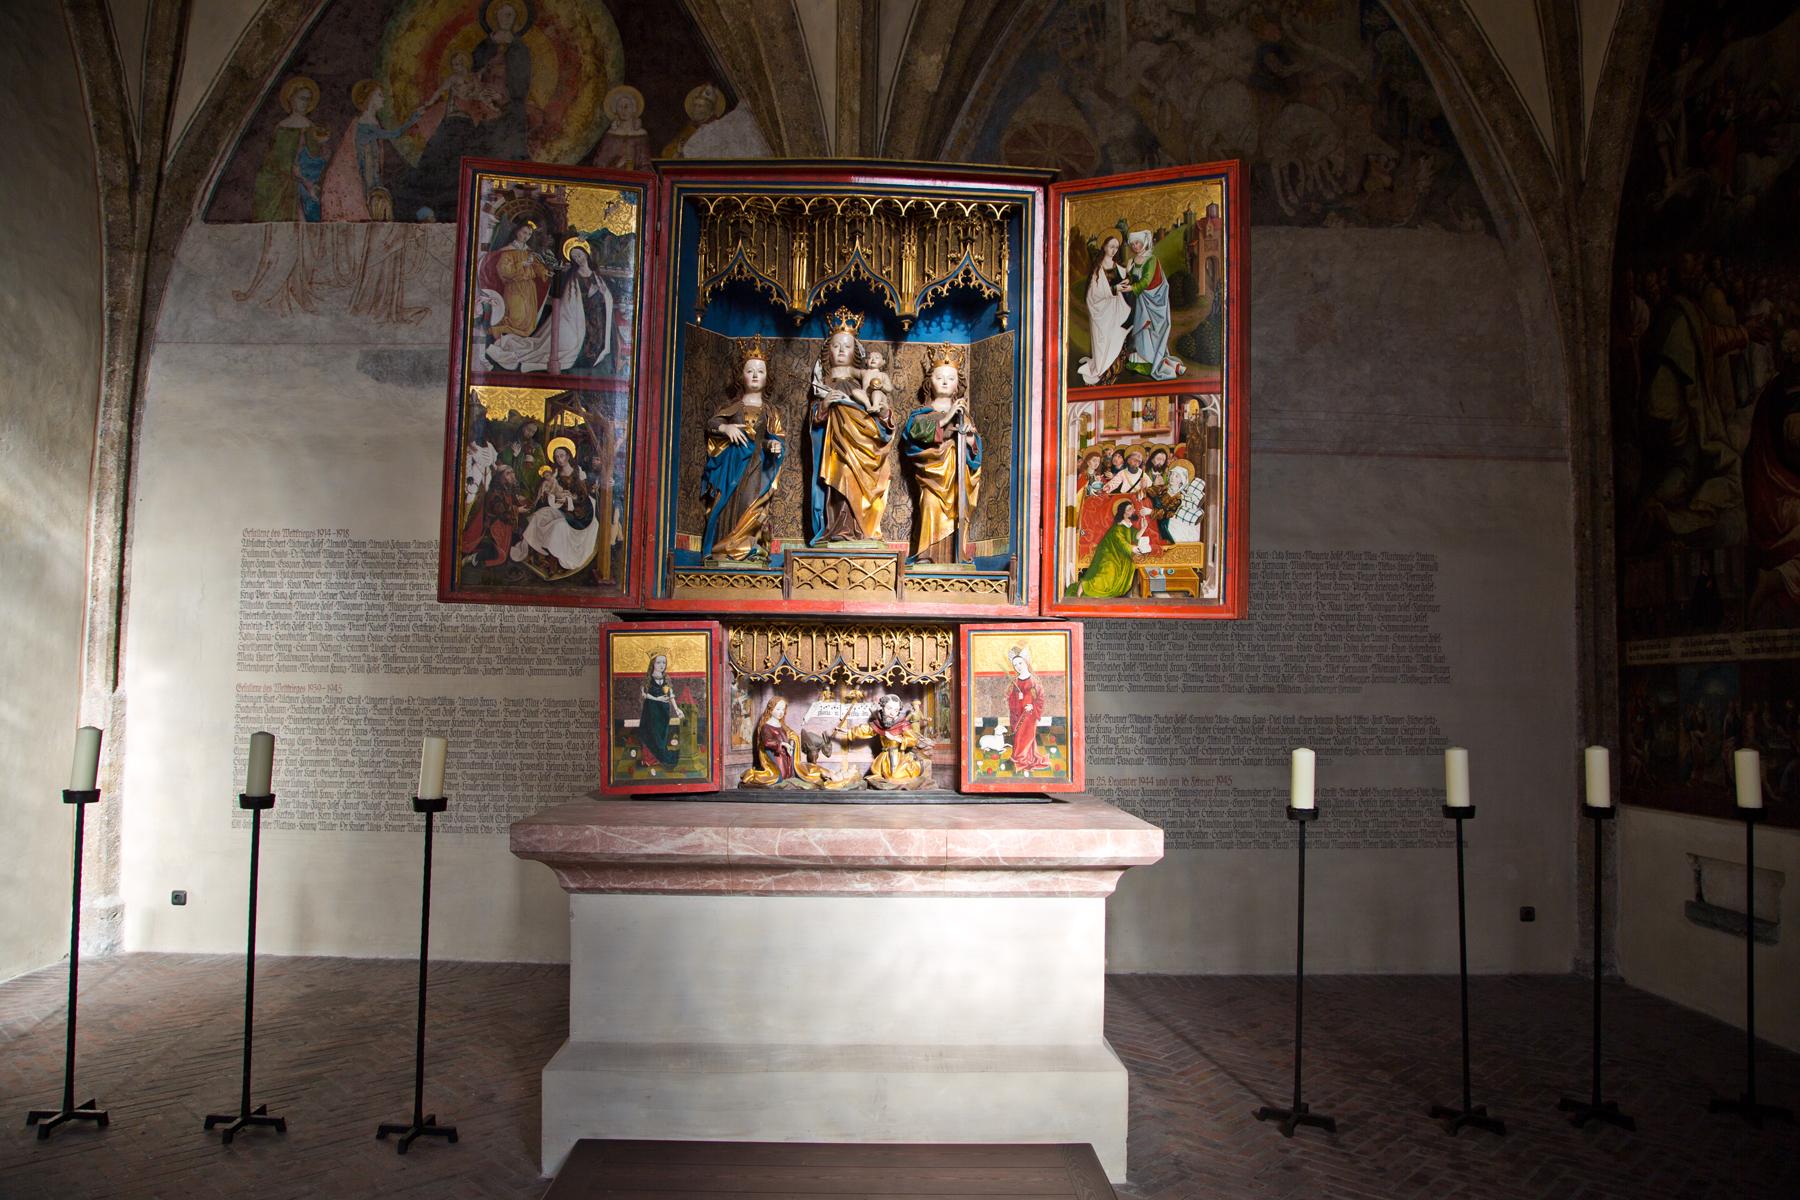 Flügelaltar Magdalenenkapelle - Hall in Tirol